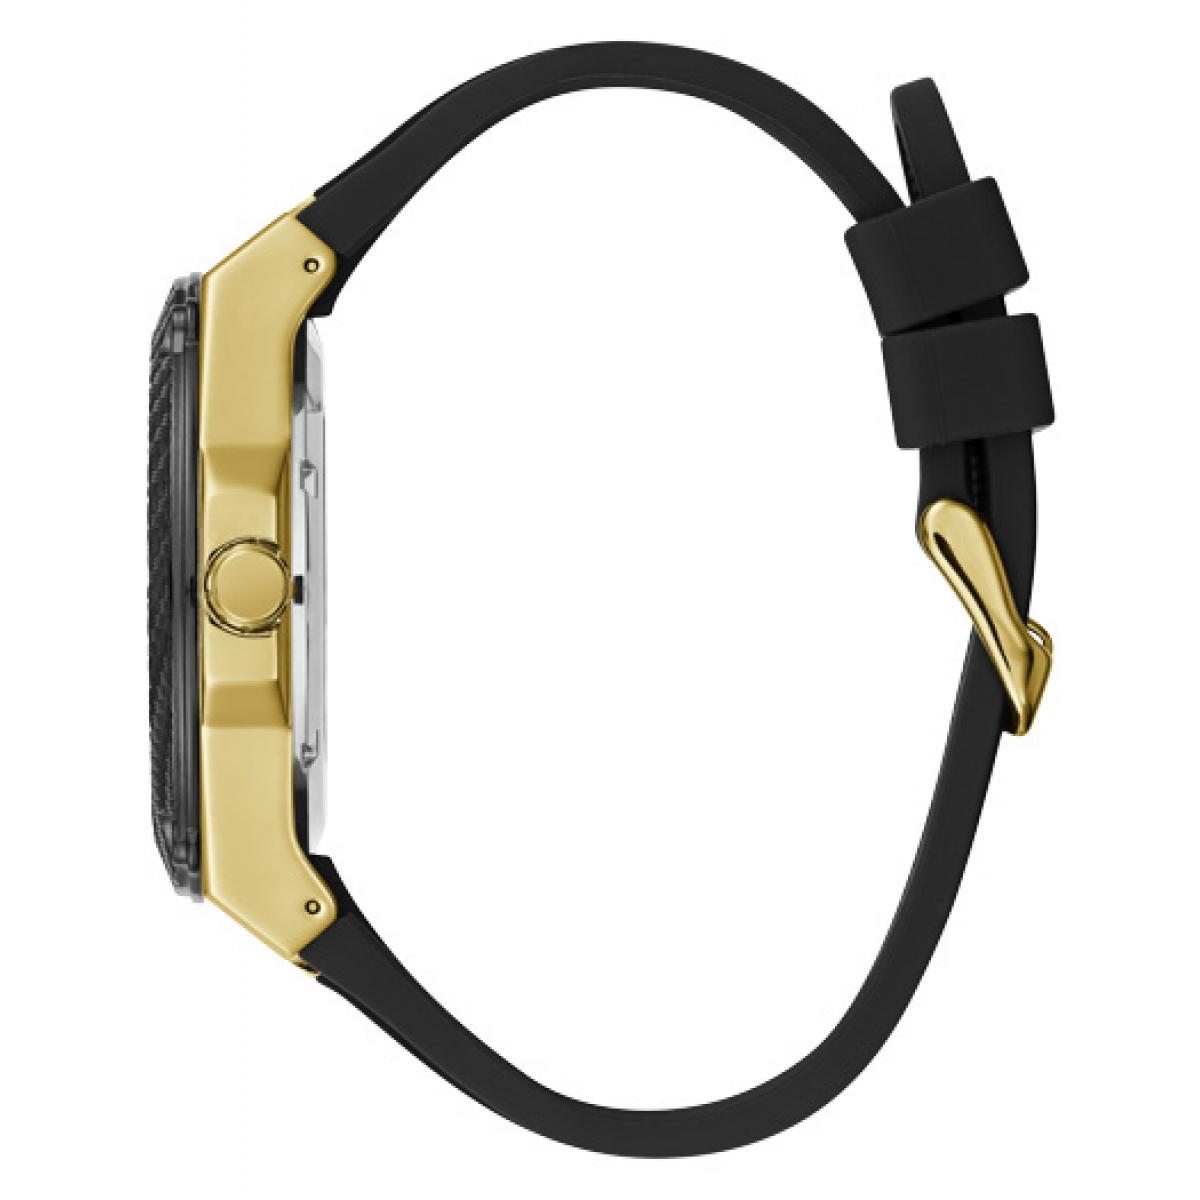 Montre Guess LEGACY W1049G5 Montre Multifonctions Boitier Acier Or Bracelet Silicone NOir Homme Plus d'infos